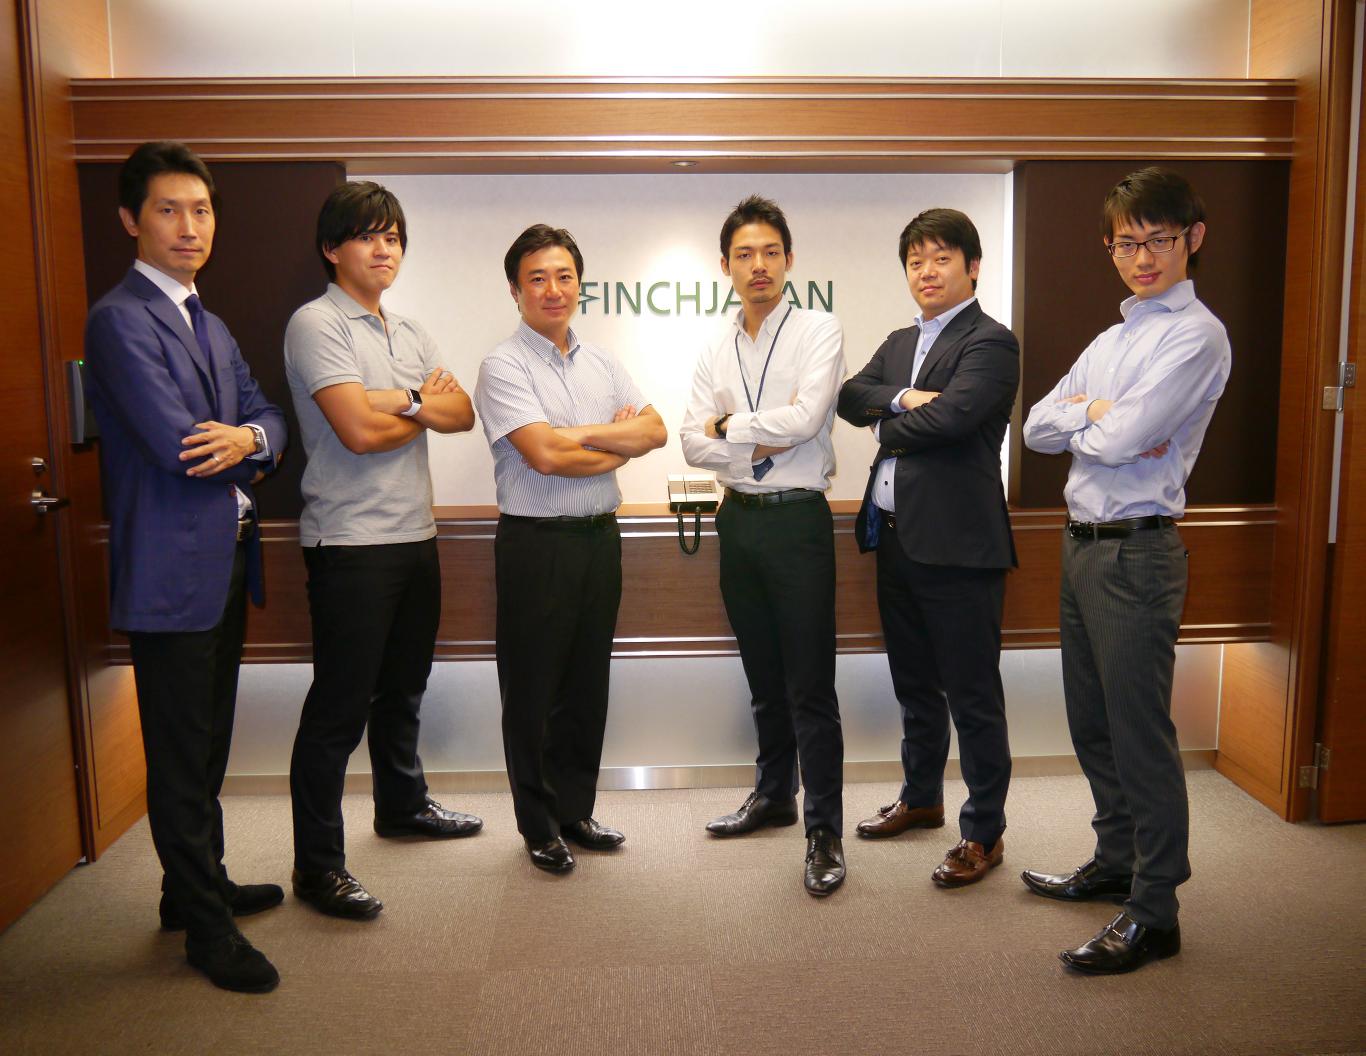 新事業開発のプロフェッショナルチームでインターン